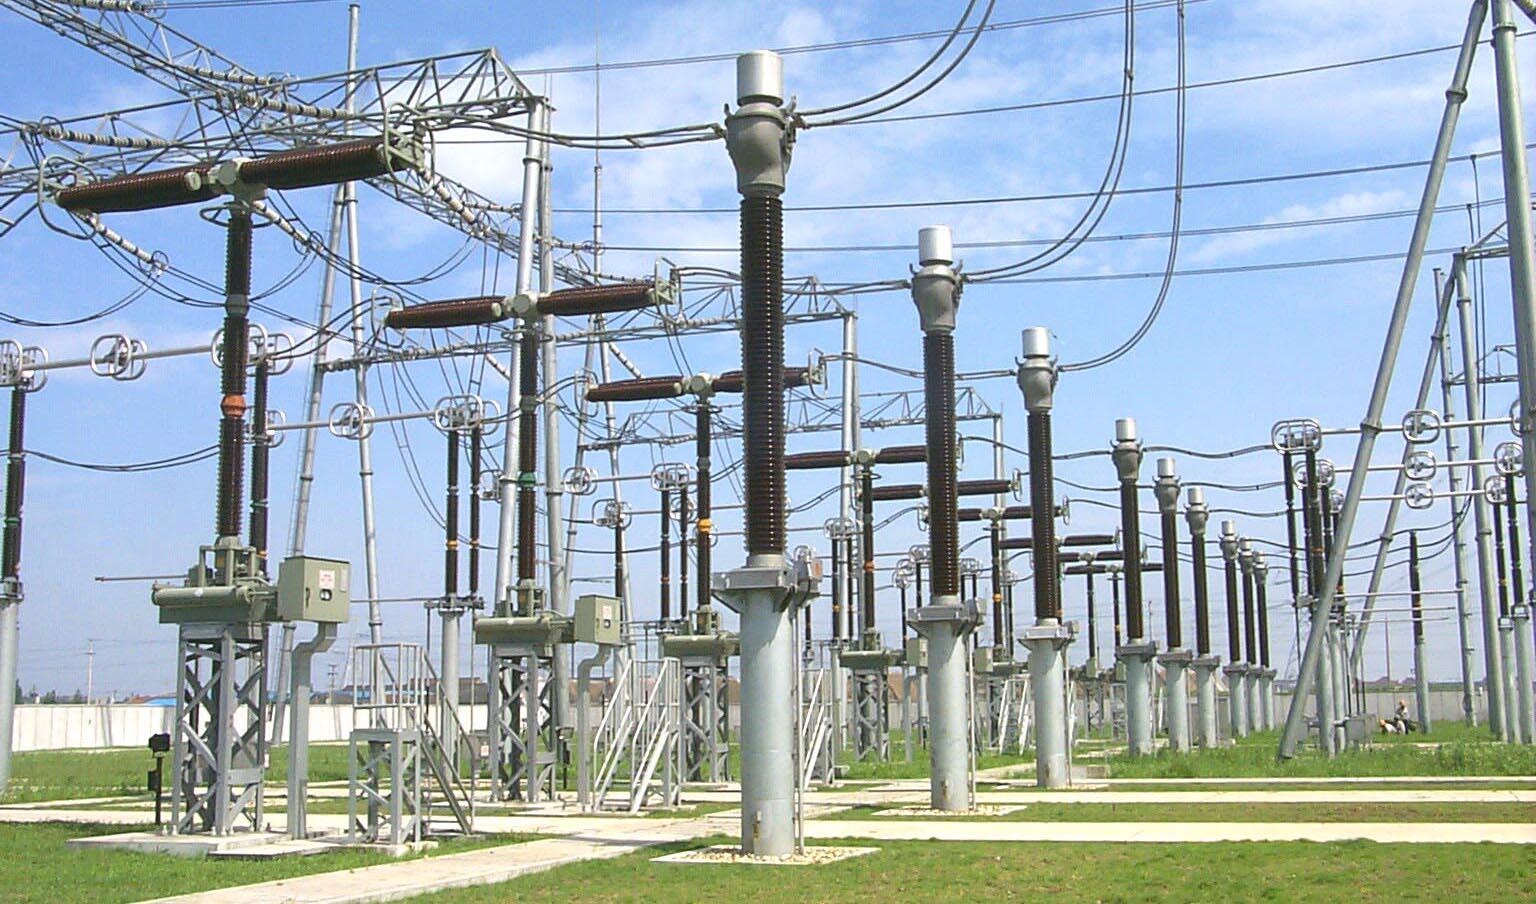 میزان پرداخت خسارات ازسوی صنعت برق اعلام شد